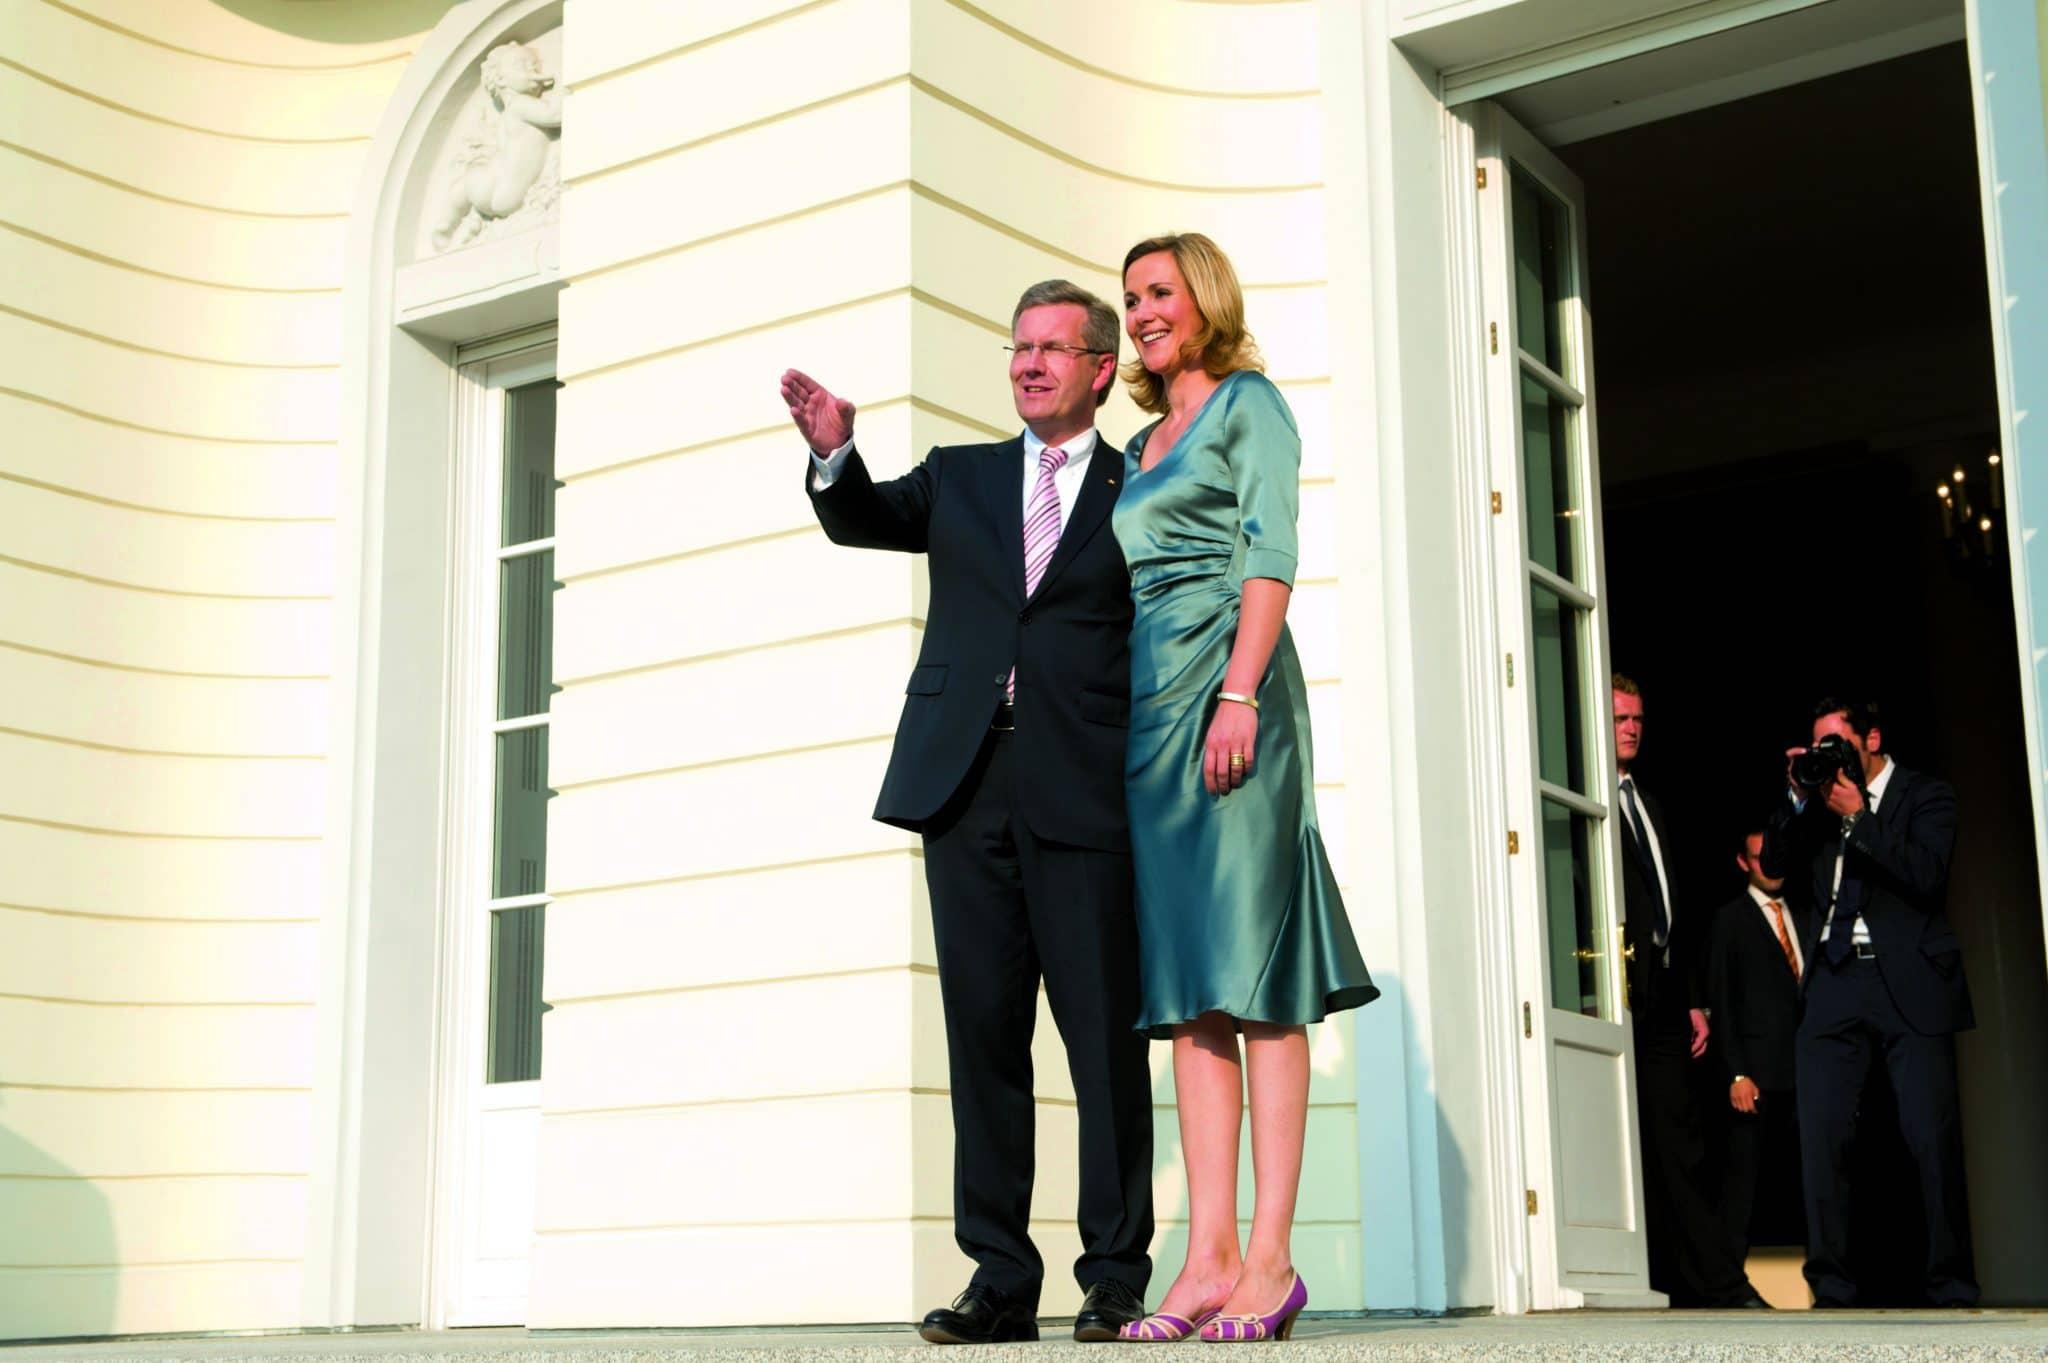 Ein Bild aus glanzvolleren Tagen: Bundespräsident Christian Wulff und Gattin Bettina vor dem Schloss Bellevue. Foto: Marco Urban